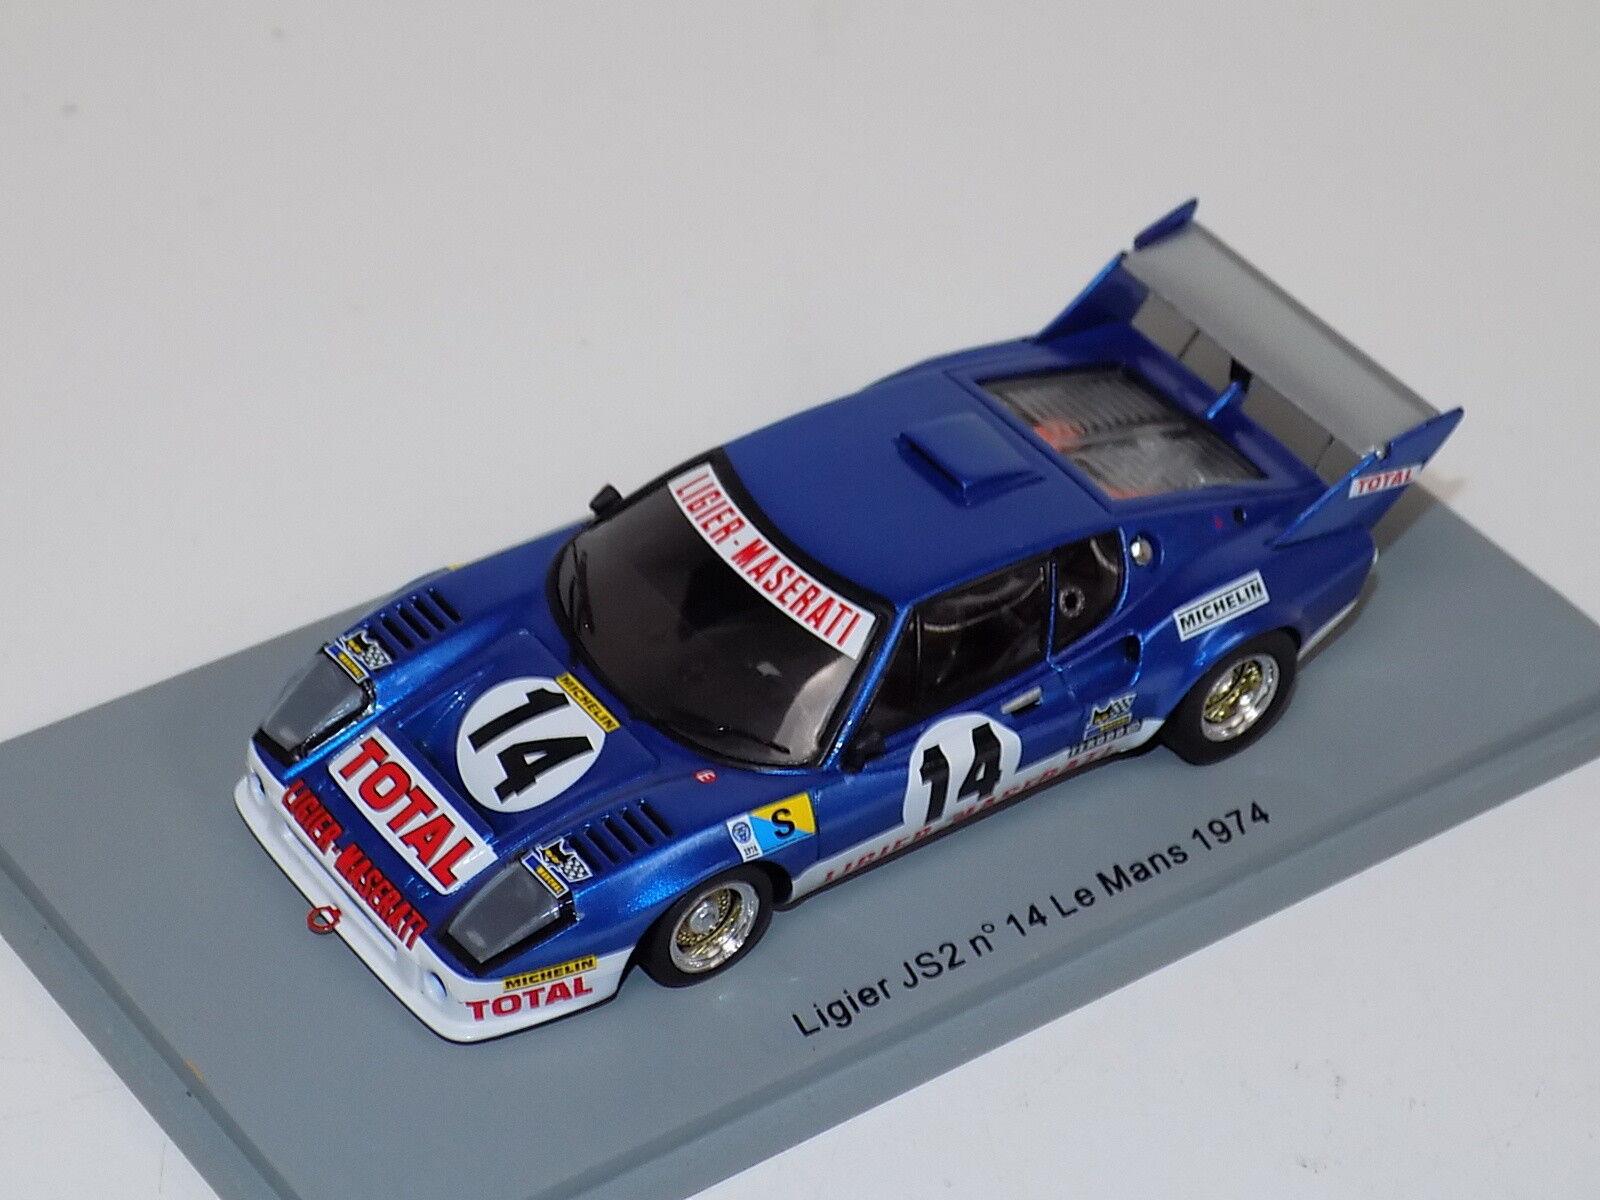 1/43 Spark Ligier JS2 coche 14 2018 24 horas de LeMans S0548